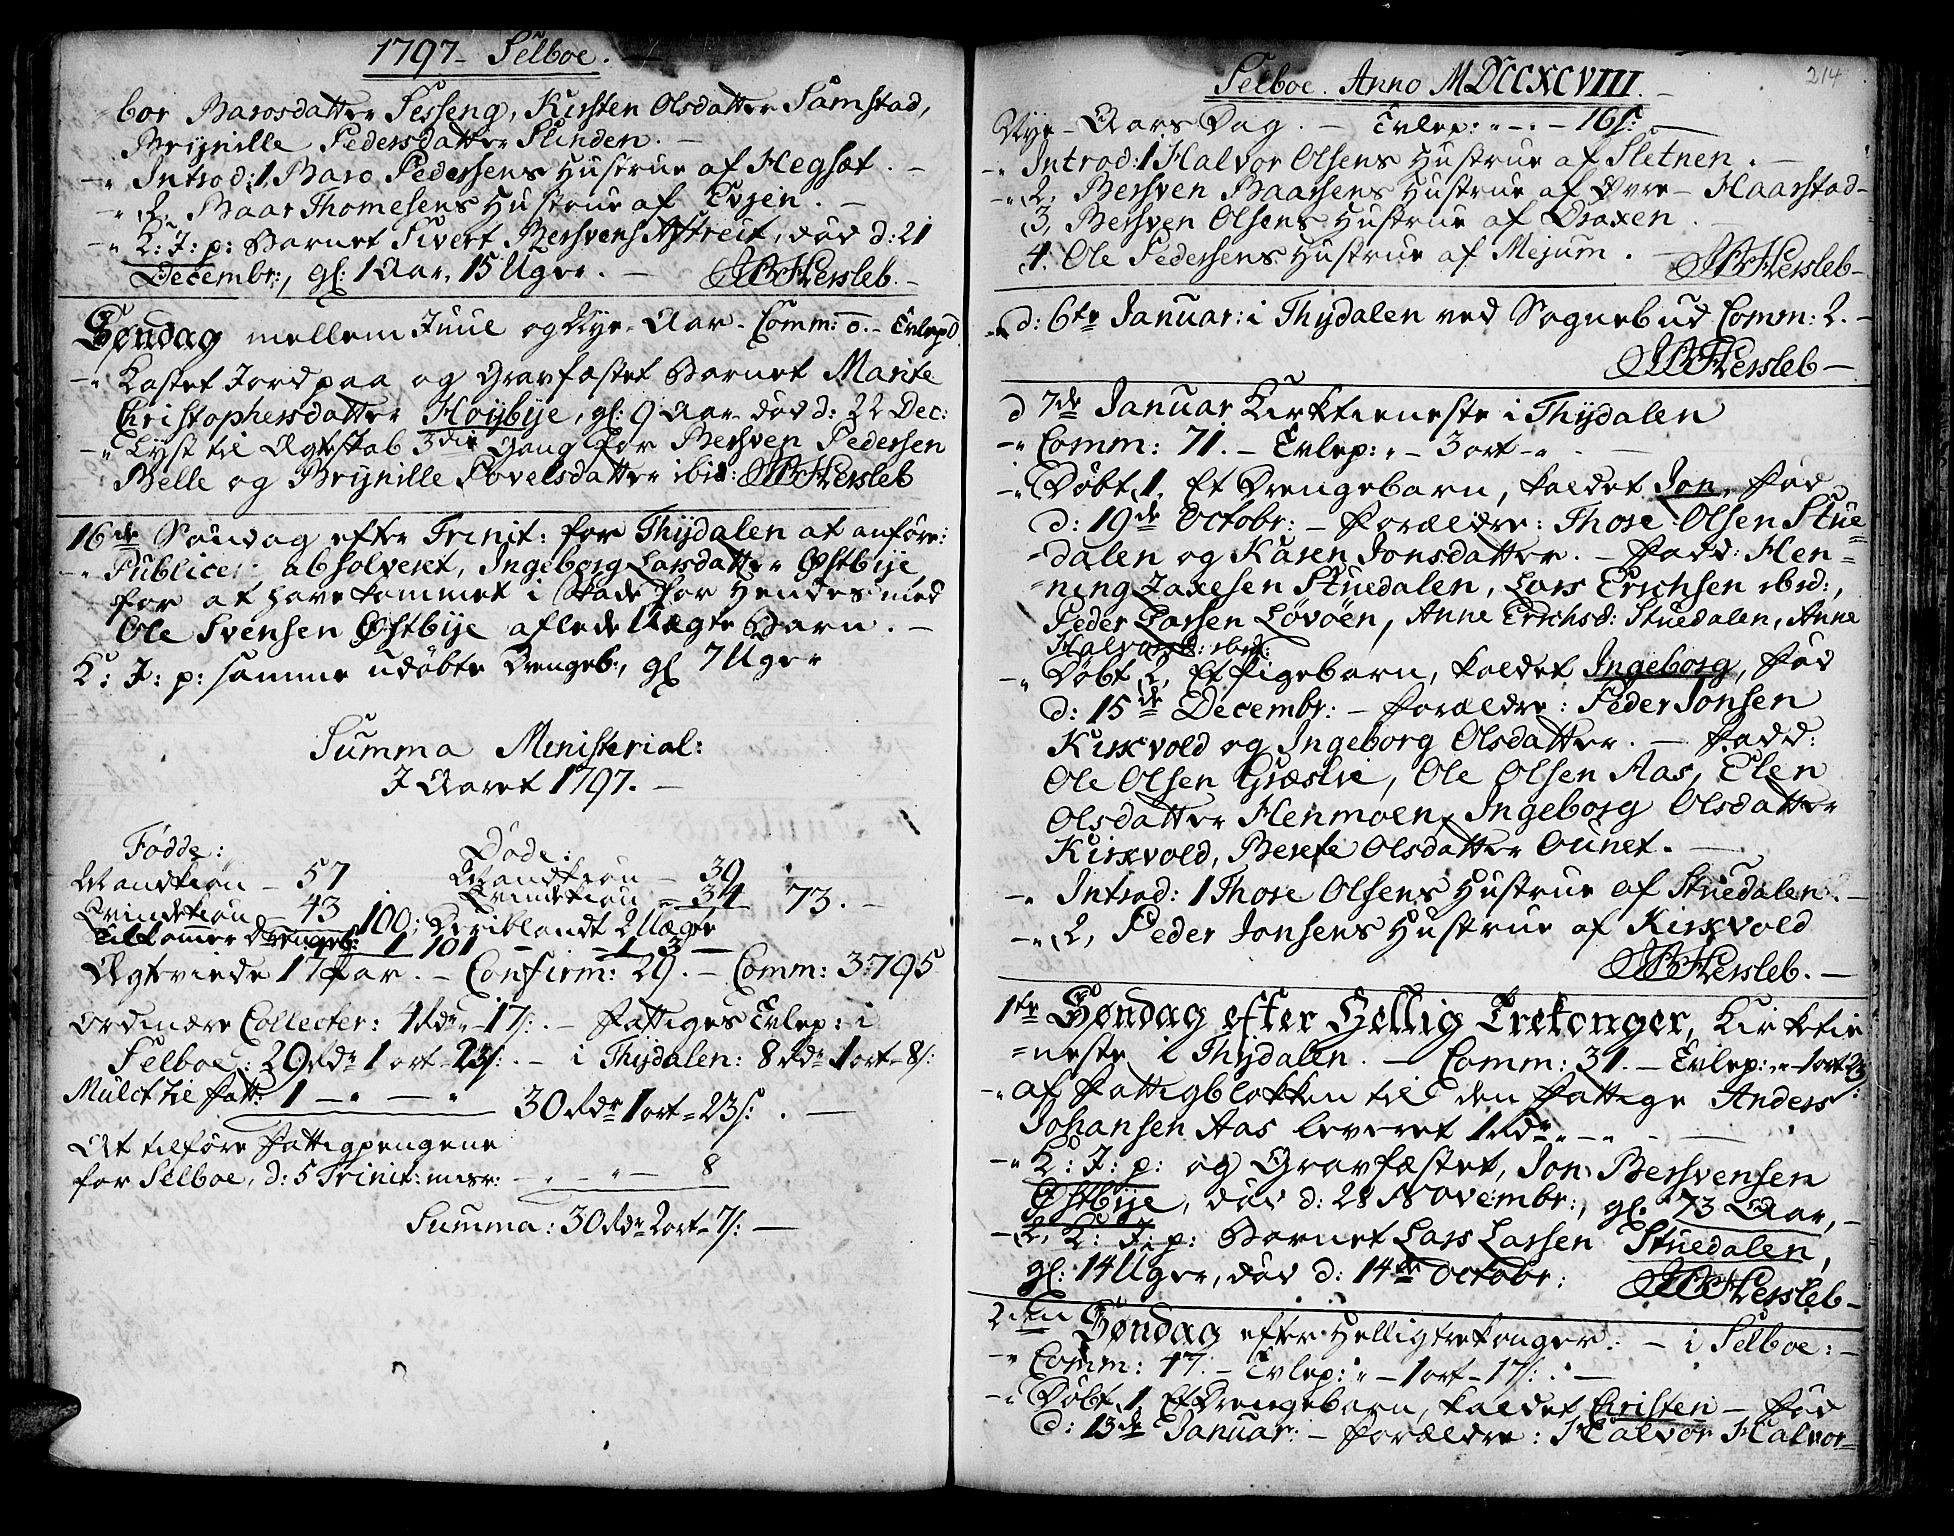 SAT, Ministerialprotokoller, klokkerbøker og fødselsregistre - Sør-Trøndelag, 695/L1138: Ministerialbok nr. 695A02 /1, 1757-1801, s. 214